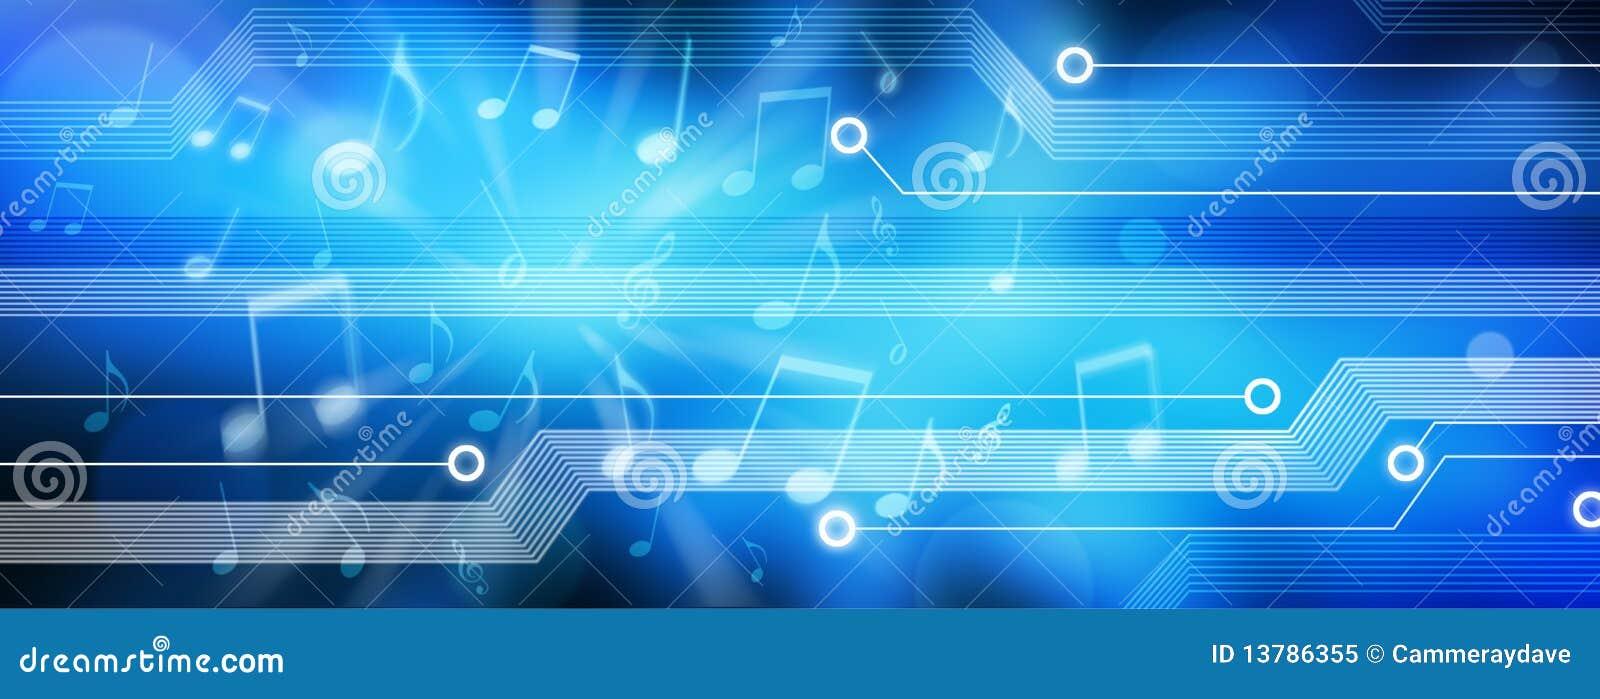 Panorama del fondo de la música